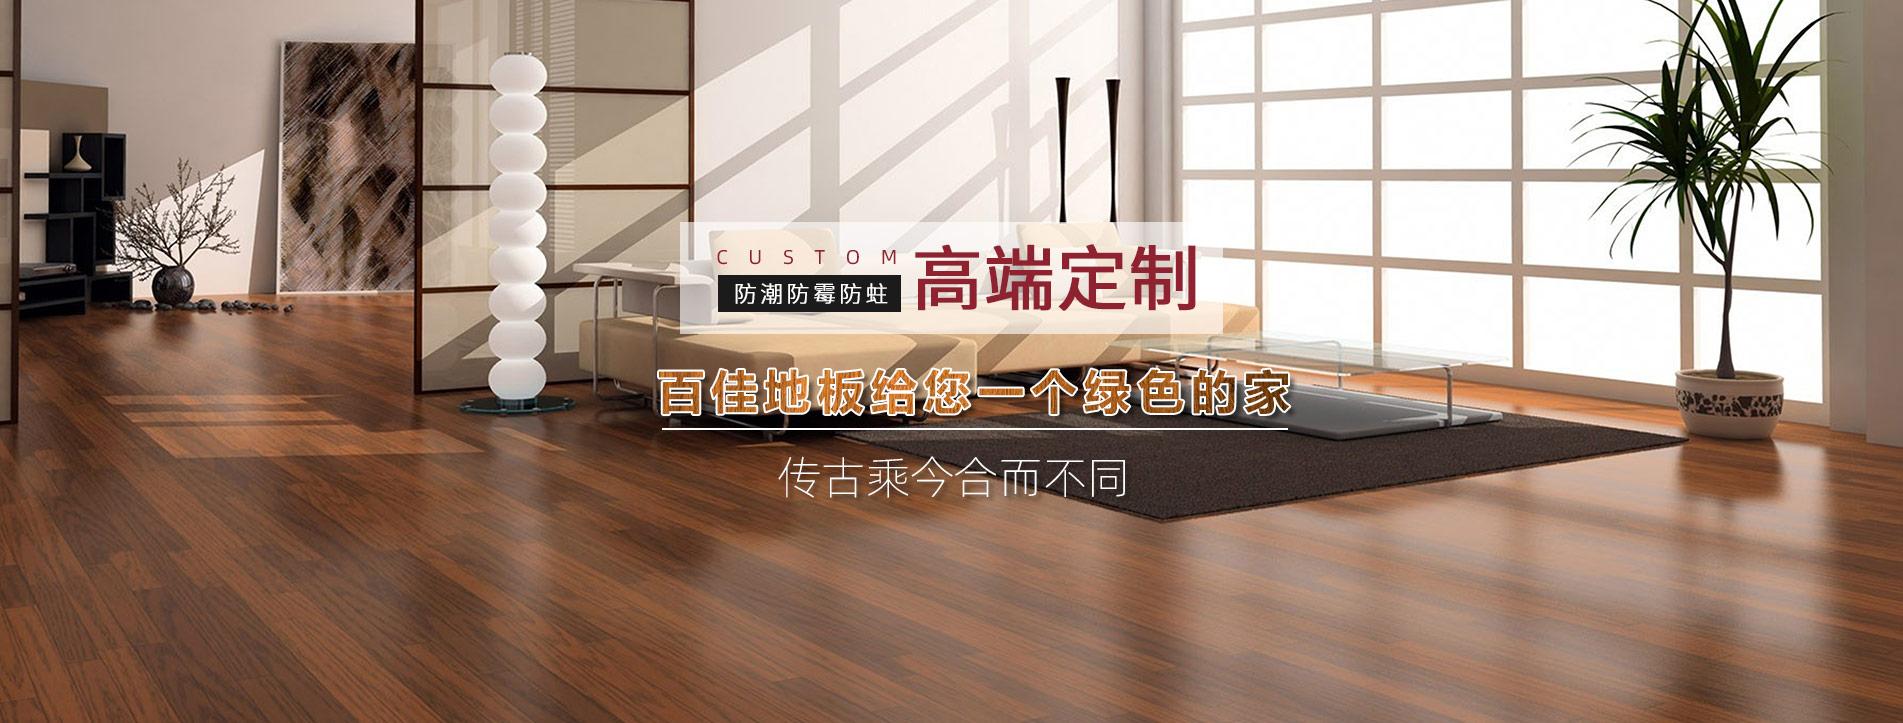 重慶木地板